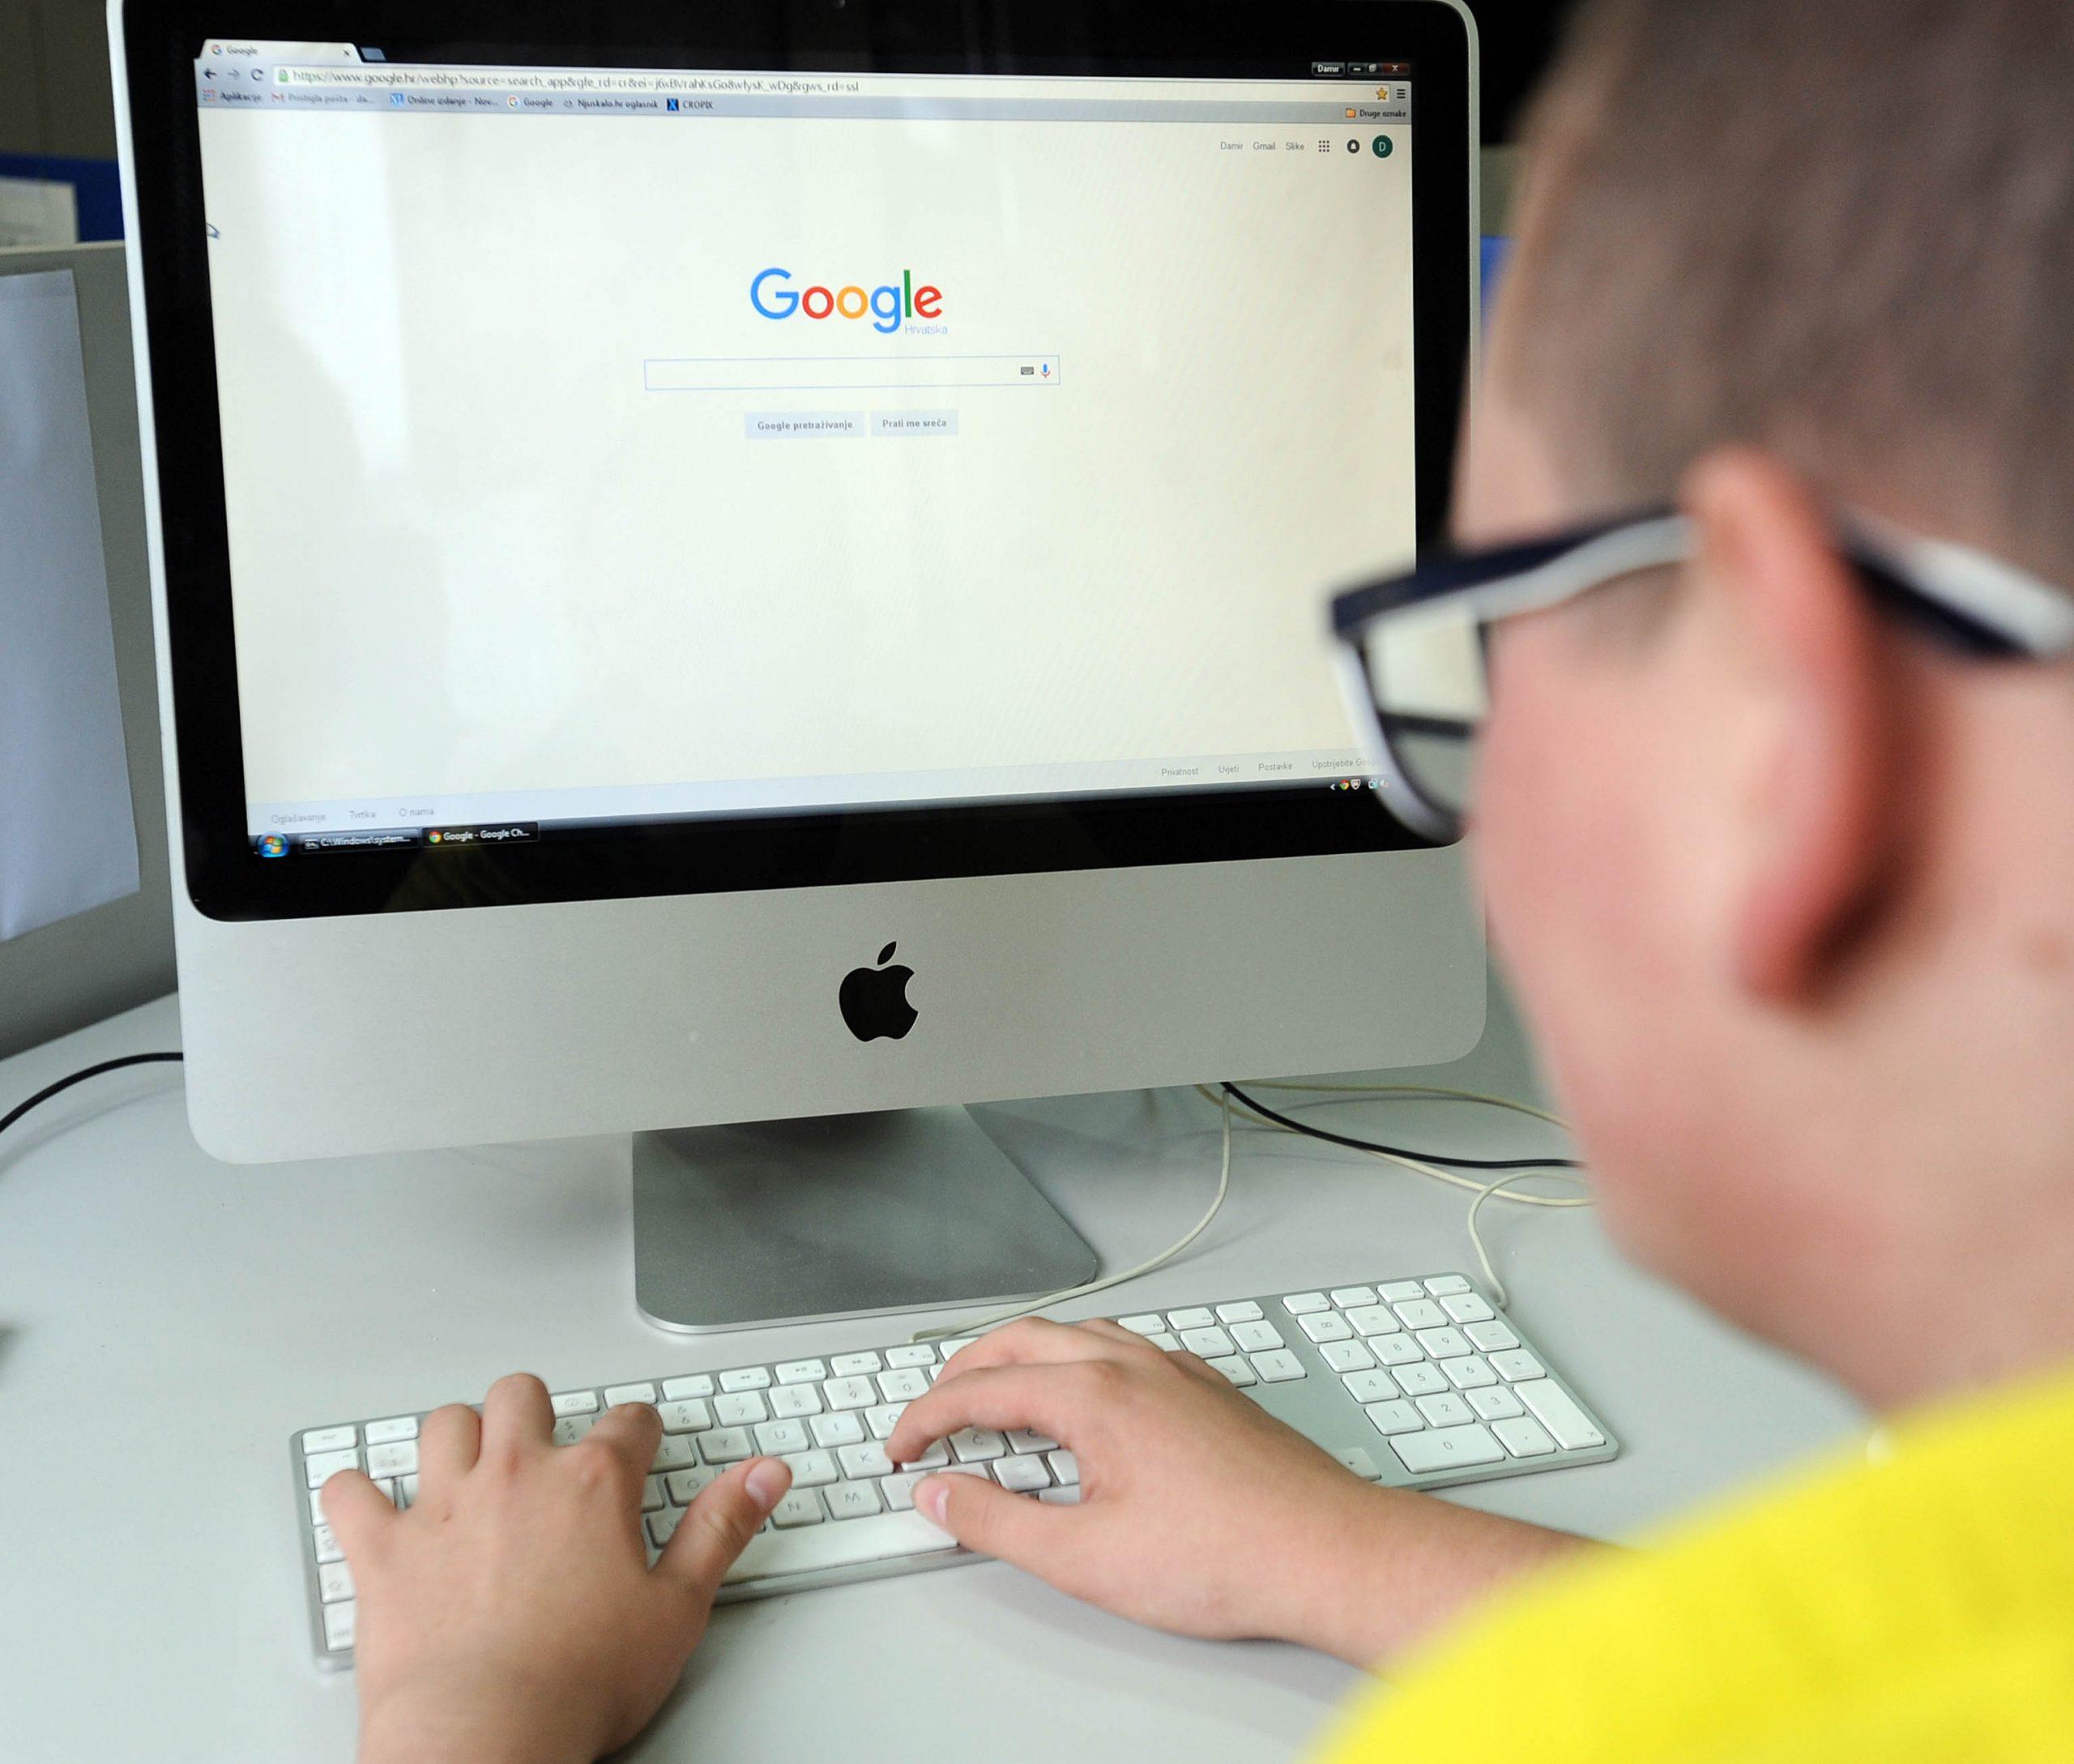 Sadašnji propis koji regulira ponašanje na internetu donesen je prije 20 godina/foto: Vedran KARUZA